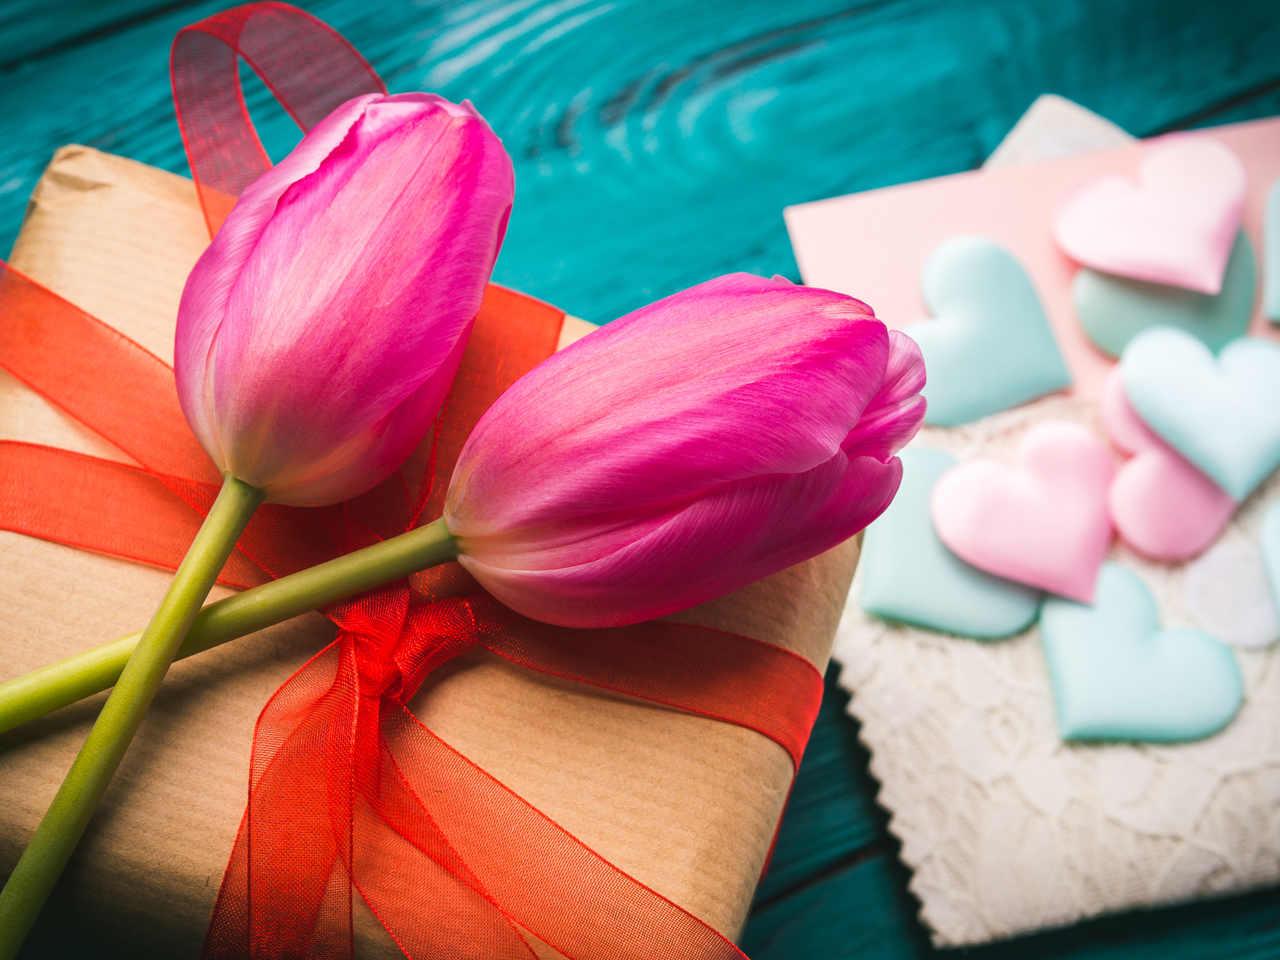 sevgililer günü sürprizi niteliğinde bir hediye kutusu ve lale